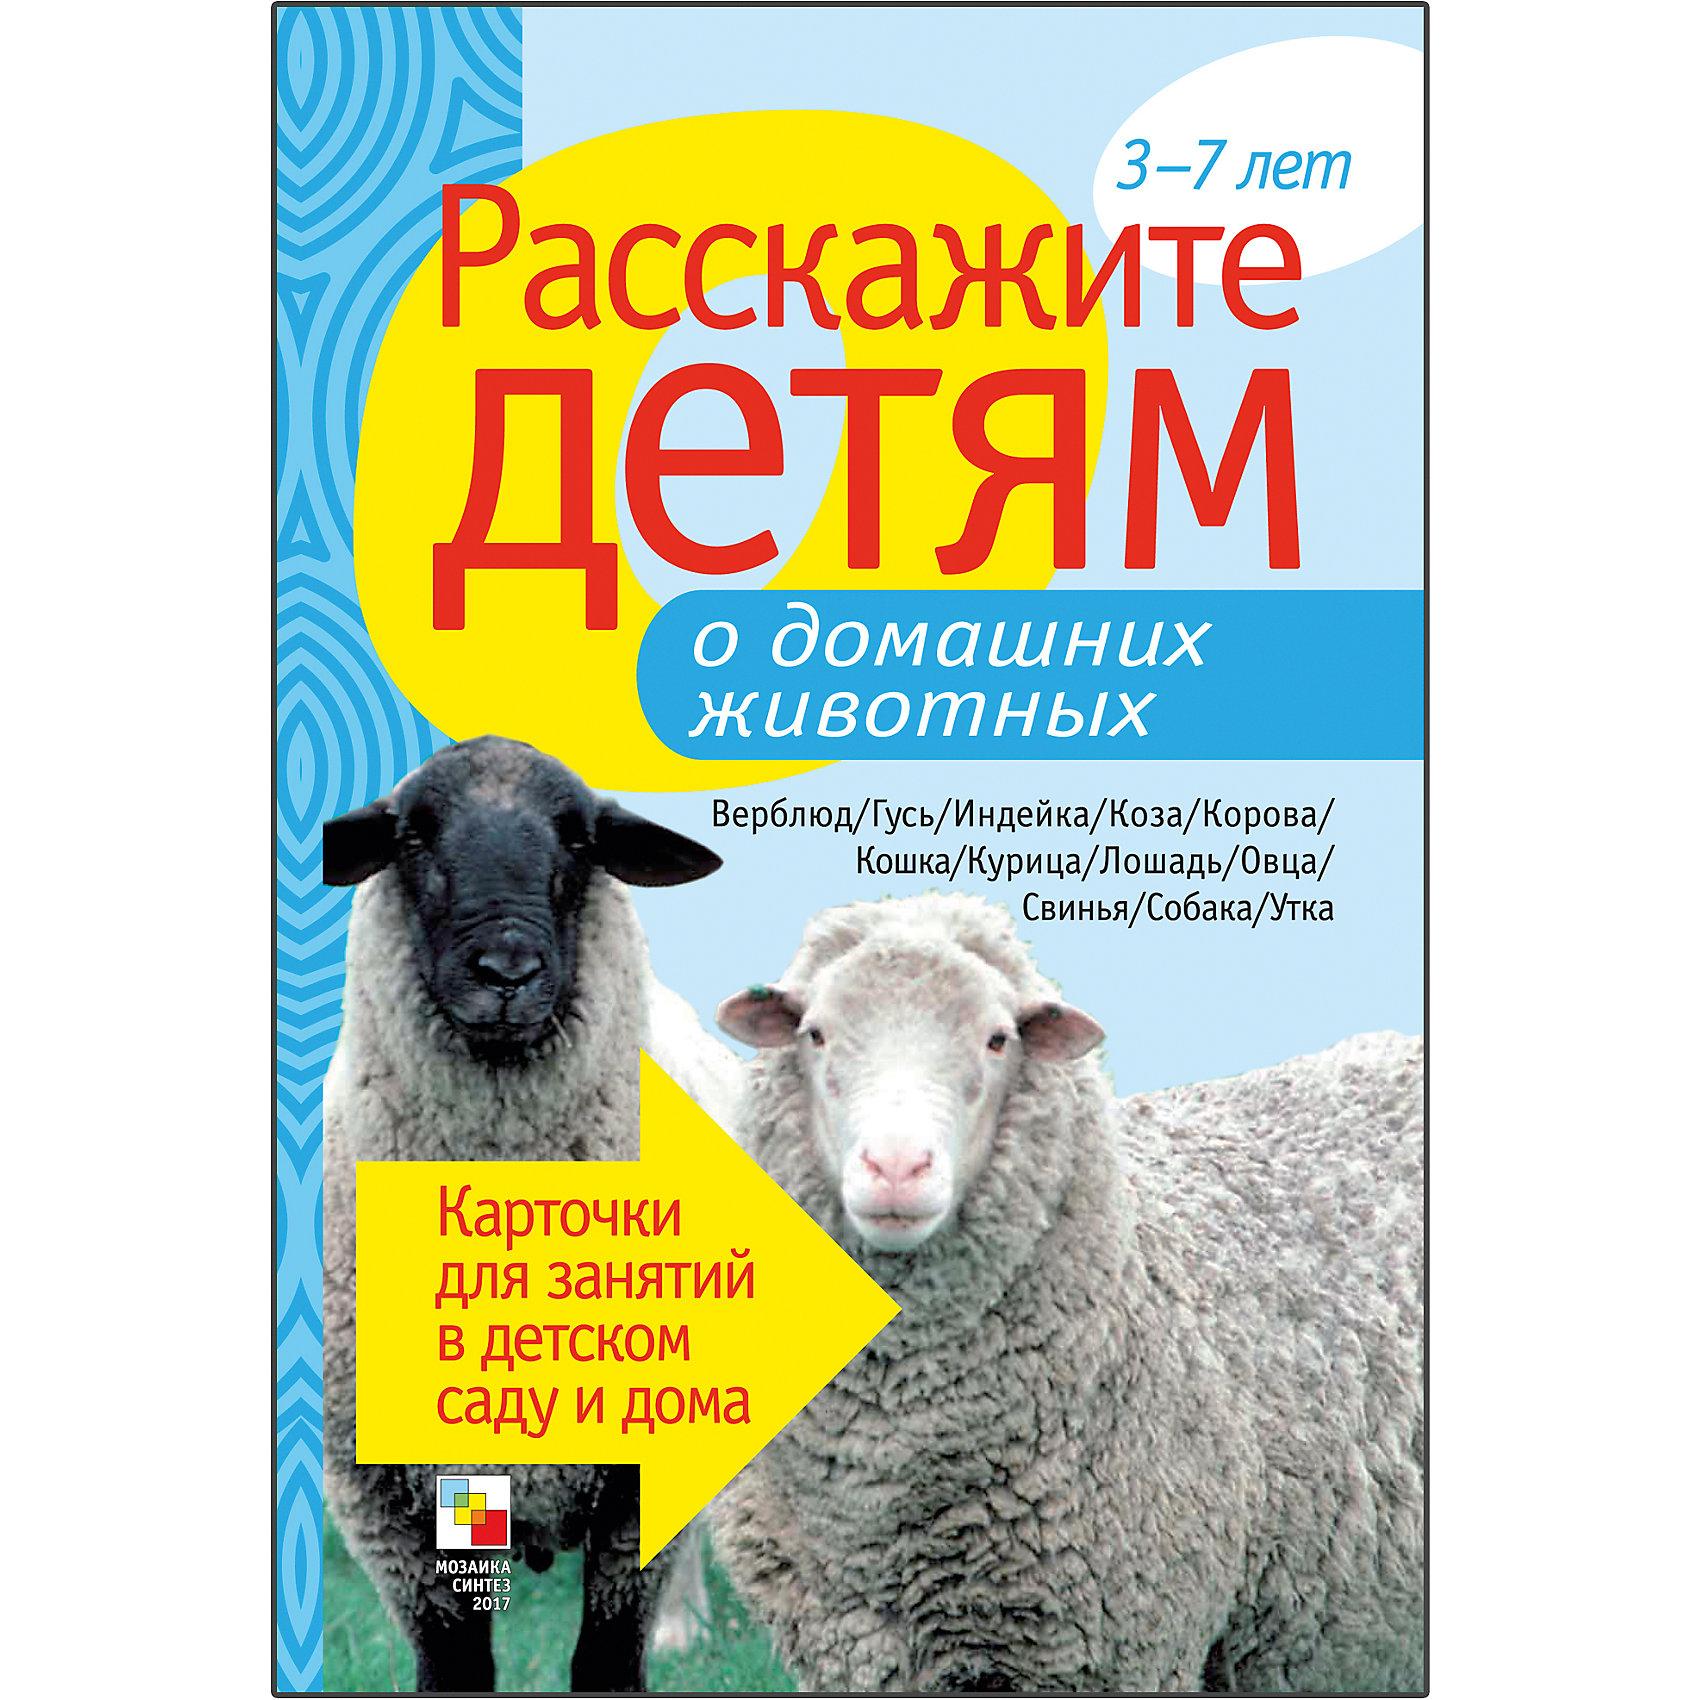 Карточки  Расскажите детям о домашних животных, Мозаика-СинтезРазвивающие игры<br>Пособие Расскажите детям о домашних животных, Мозаика-Синтез.<br><br>Характеристики:<br><br>• Издательство: МОЗАИКА-СИНТЕЗ<br>• ISBN: 9785867758110<br>• Тип: папка с карточками, обложка твердая.<br>• Возраст: от 3-7 лет.<br>• Размер книги: 210х150х5 мм.<br>• Количество страниц: 12<br><br>Пособие с яркими четкими картинками поможет Вам рассказать малышам о домашних животных. Они узнают много нового и интересного о кошках, лошадях, верблюдах, утках, собаках и о многих других. <br><br>На оборотной стороне карточек содержатся необходимые сведения, стихи, поговорки и загадки о них. Эта информация поможет сделать ваш рассказ увлекательным и познавательным для каждого малыша.<br><br>Пособие Расскажите детям о домашних животных, Мозаика-Синтез, можно купить в нашем интернет – магазине.<br><br>Ширина мм: 5<br>Глубина мм: 150<br>Высота мм: 210<br>Вес г: 114<br>Возраст от месяцев: 36<br>Возраст до месяцев: 84<br>Пол: Унисекс<br>Возраст: Детский<br>SKU: 5428911